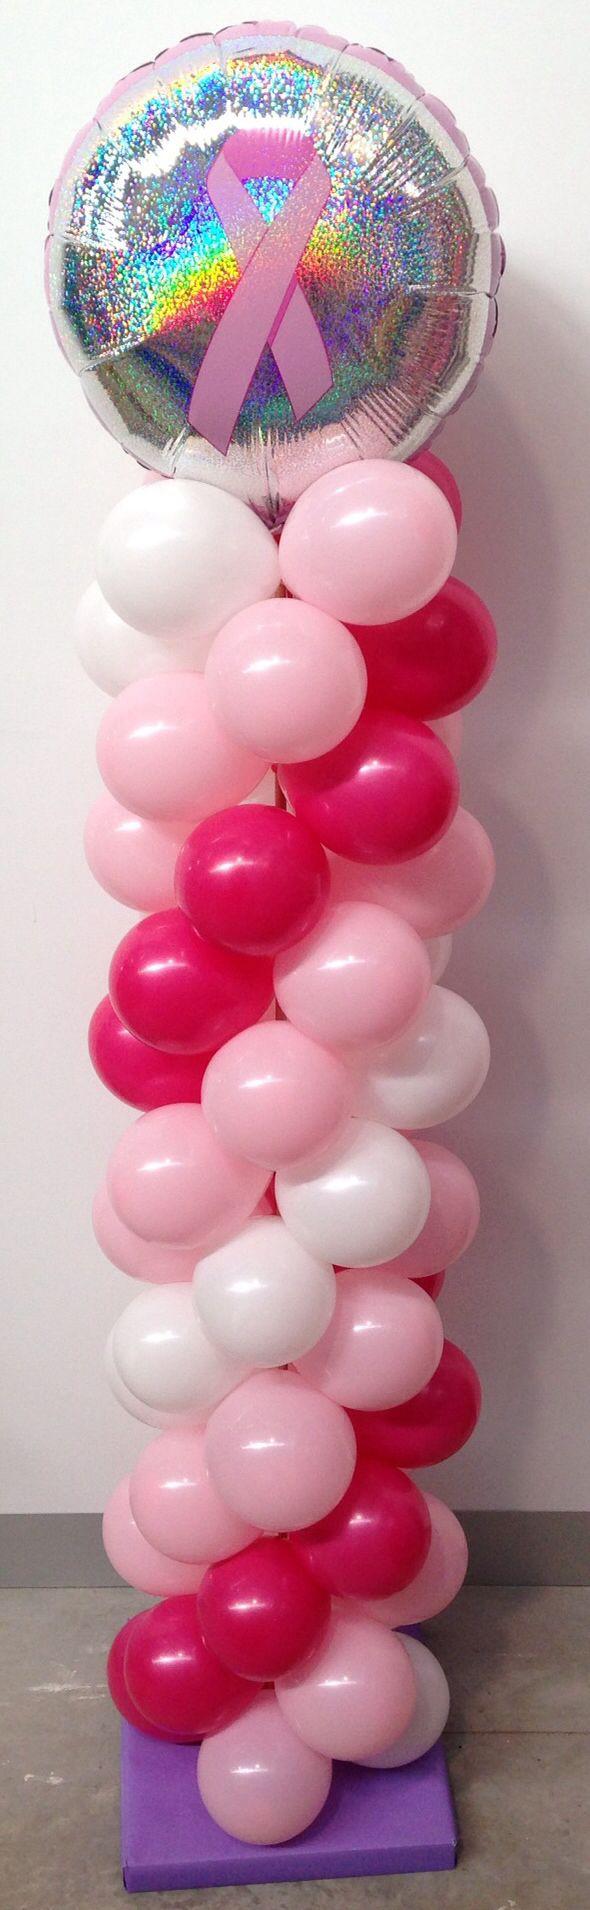 404 best images about breast cancer awareness on pinterest. Black Bedroom Furniture Sets. Home Design Ideas